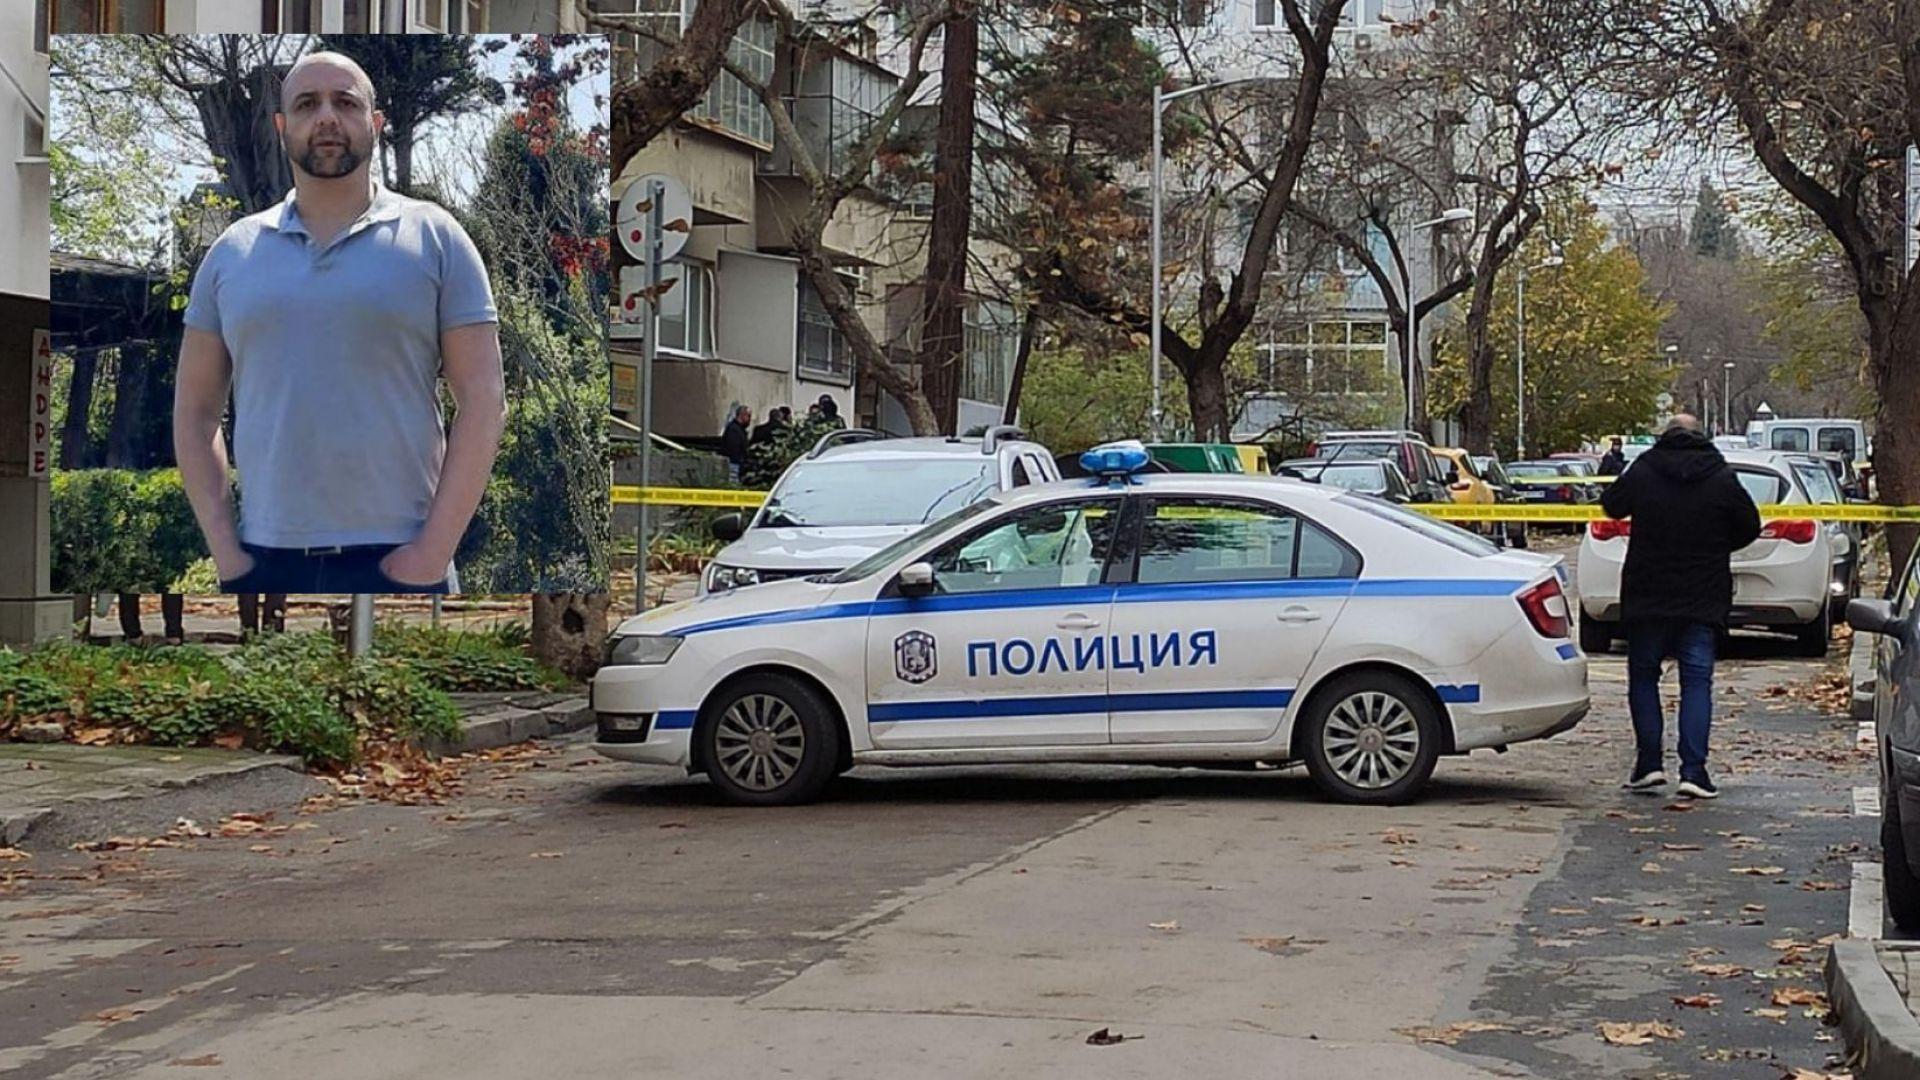 Ревнив бивш рейнджър застрелял 23-годишната Диляна и чужденеца във Варна